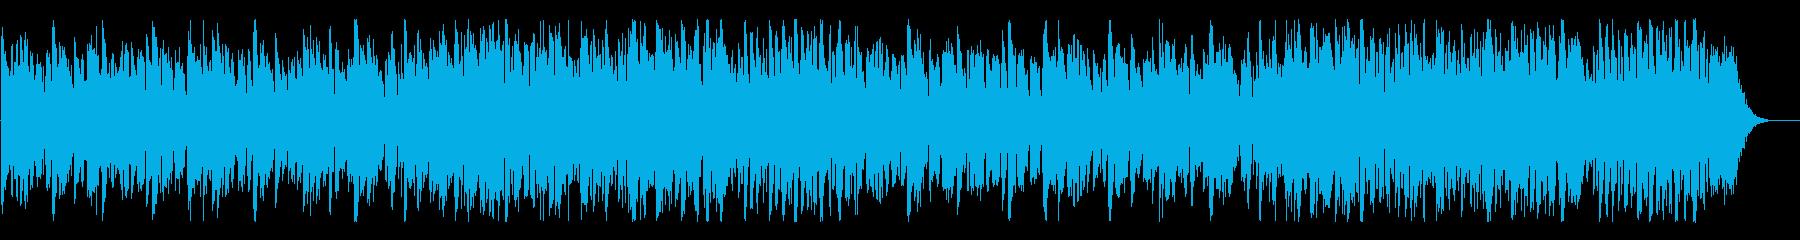 のんびりとした安らぎのBGMの再生済みの波形